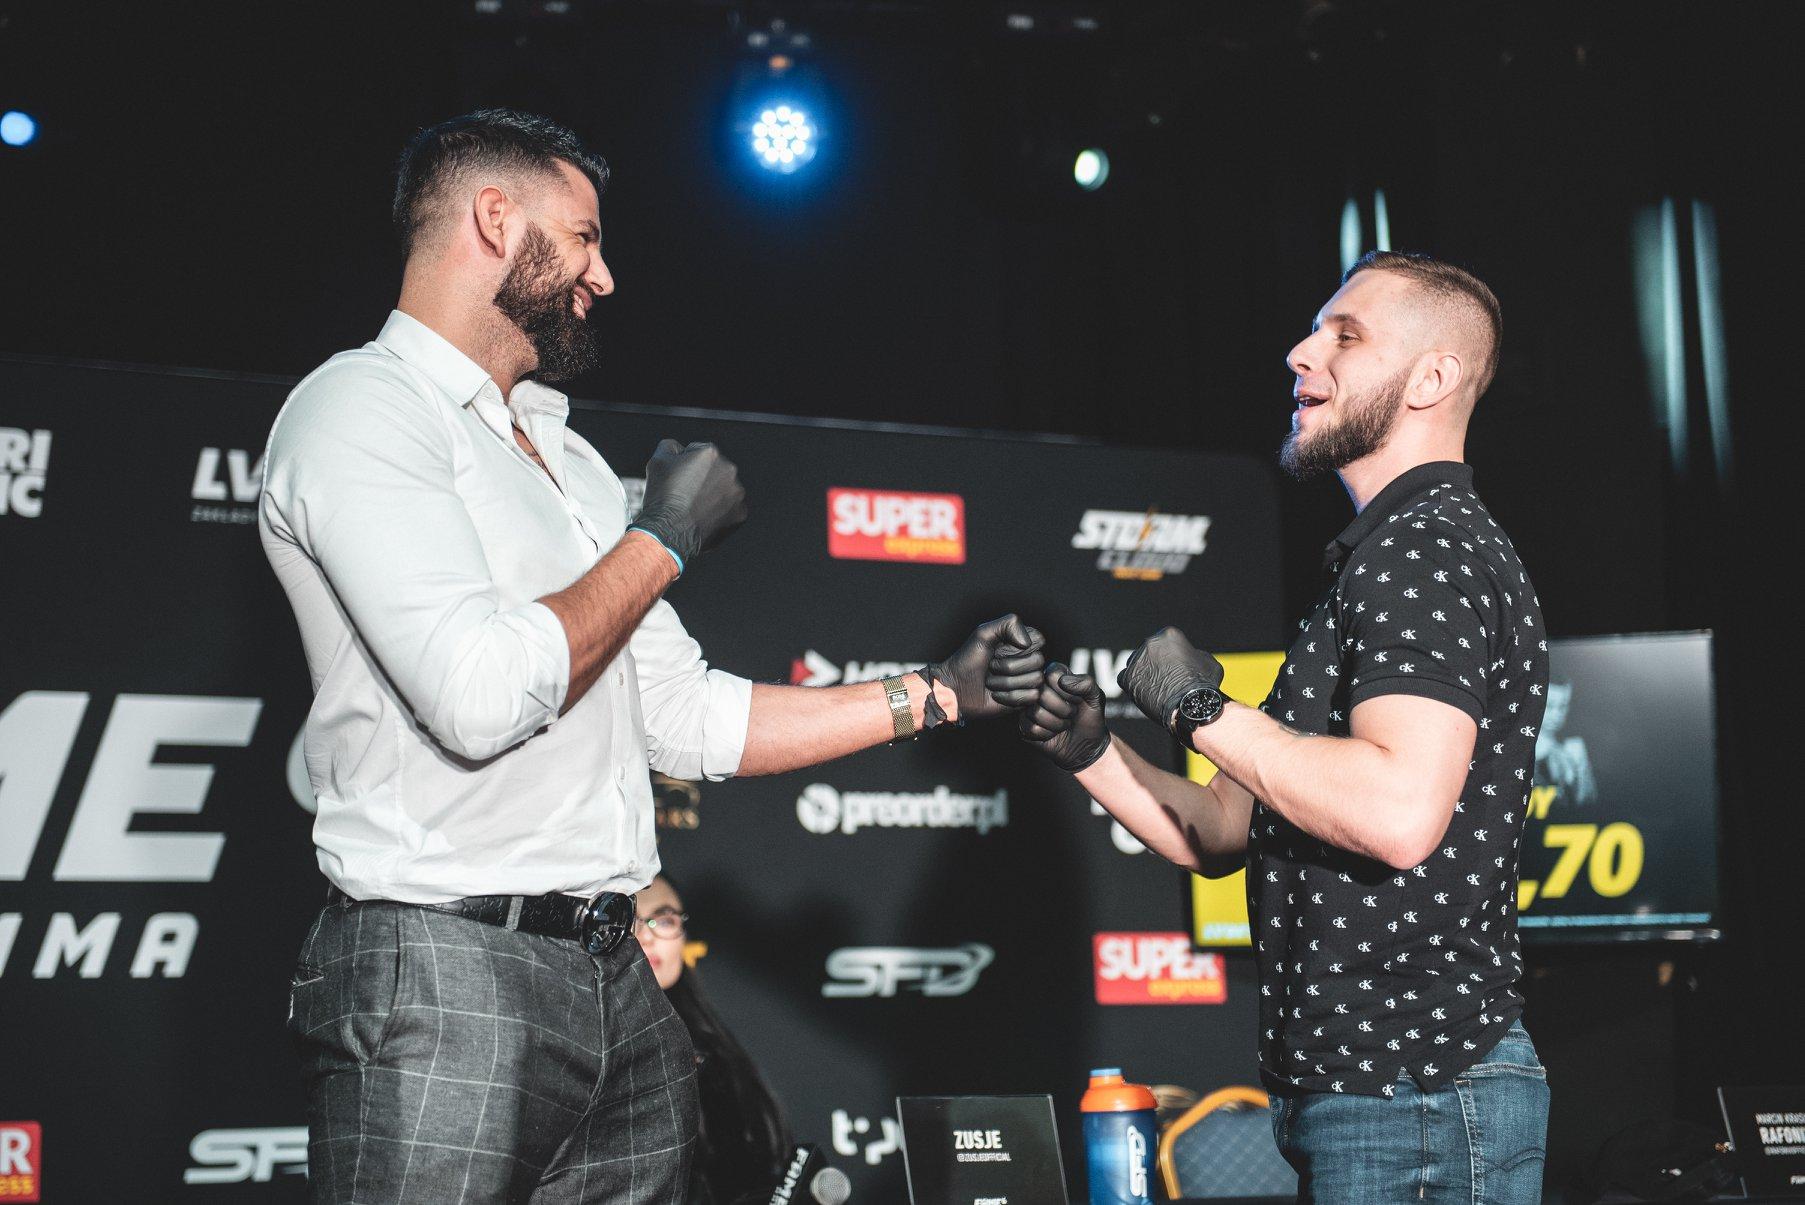 Fame MMA 7. Ceremonia ważenia i trening medialny. Oglądaj na żywo! (wideo) - Sport WP SportoweFakty